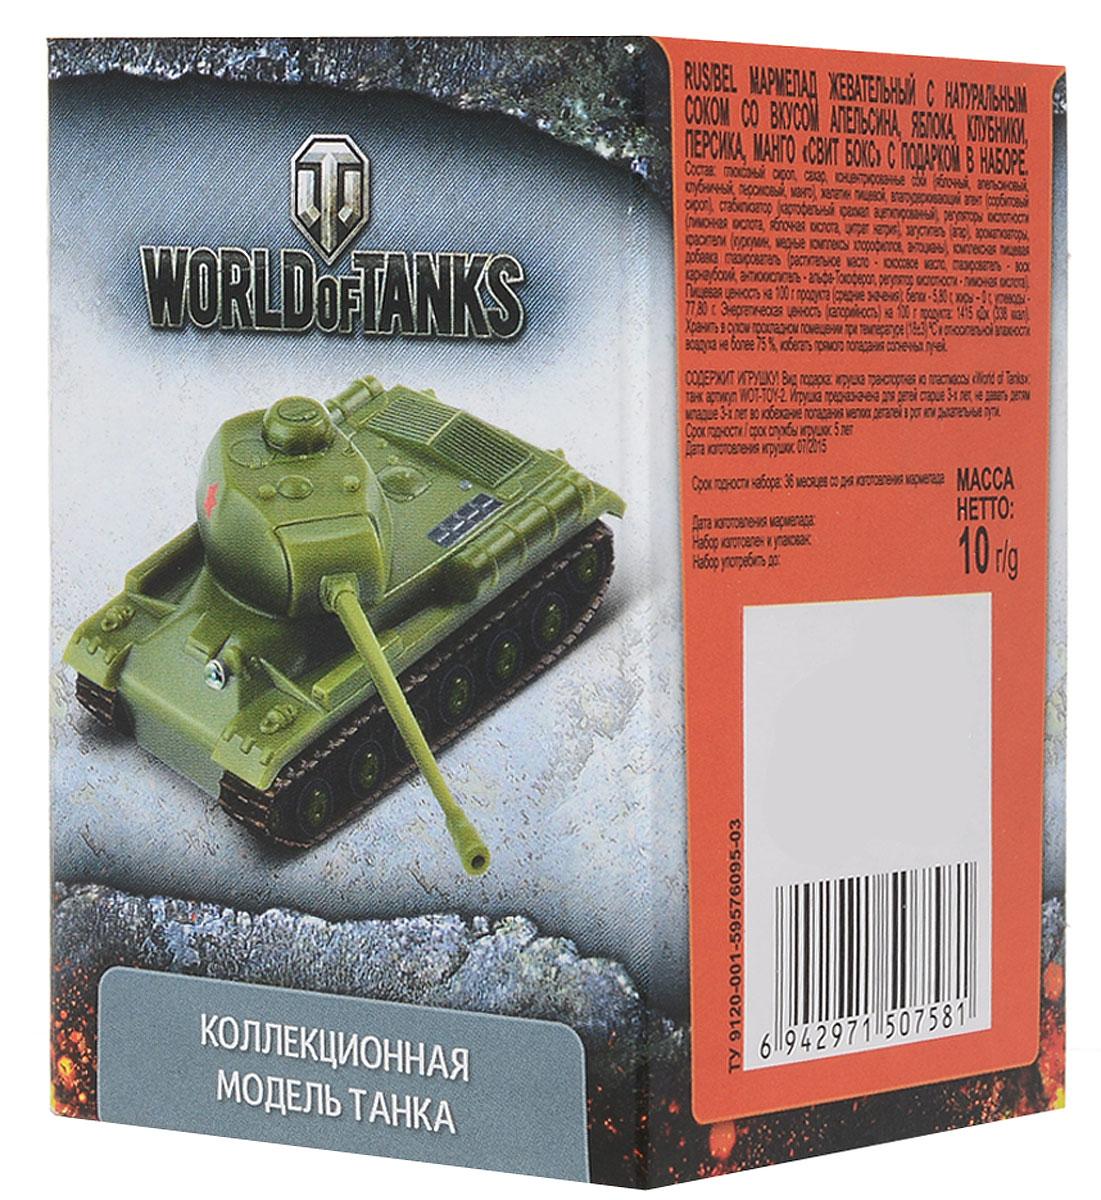 Свитбокс World of Tanks мармелад с игрушкой, 10 г